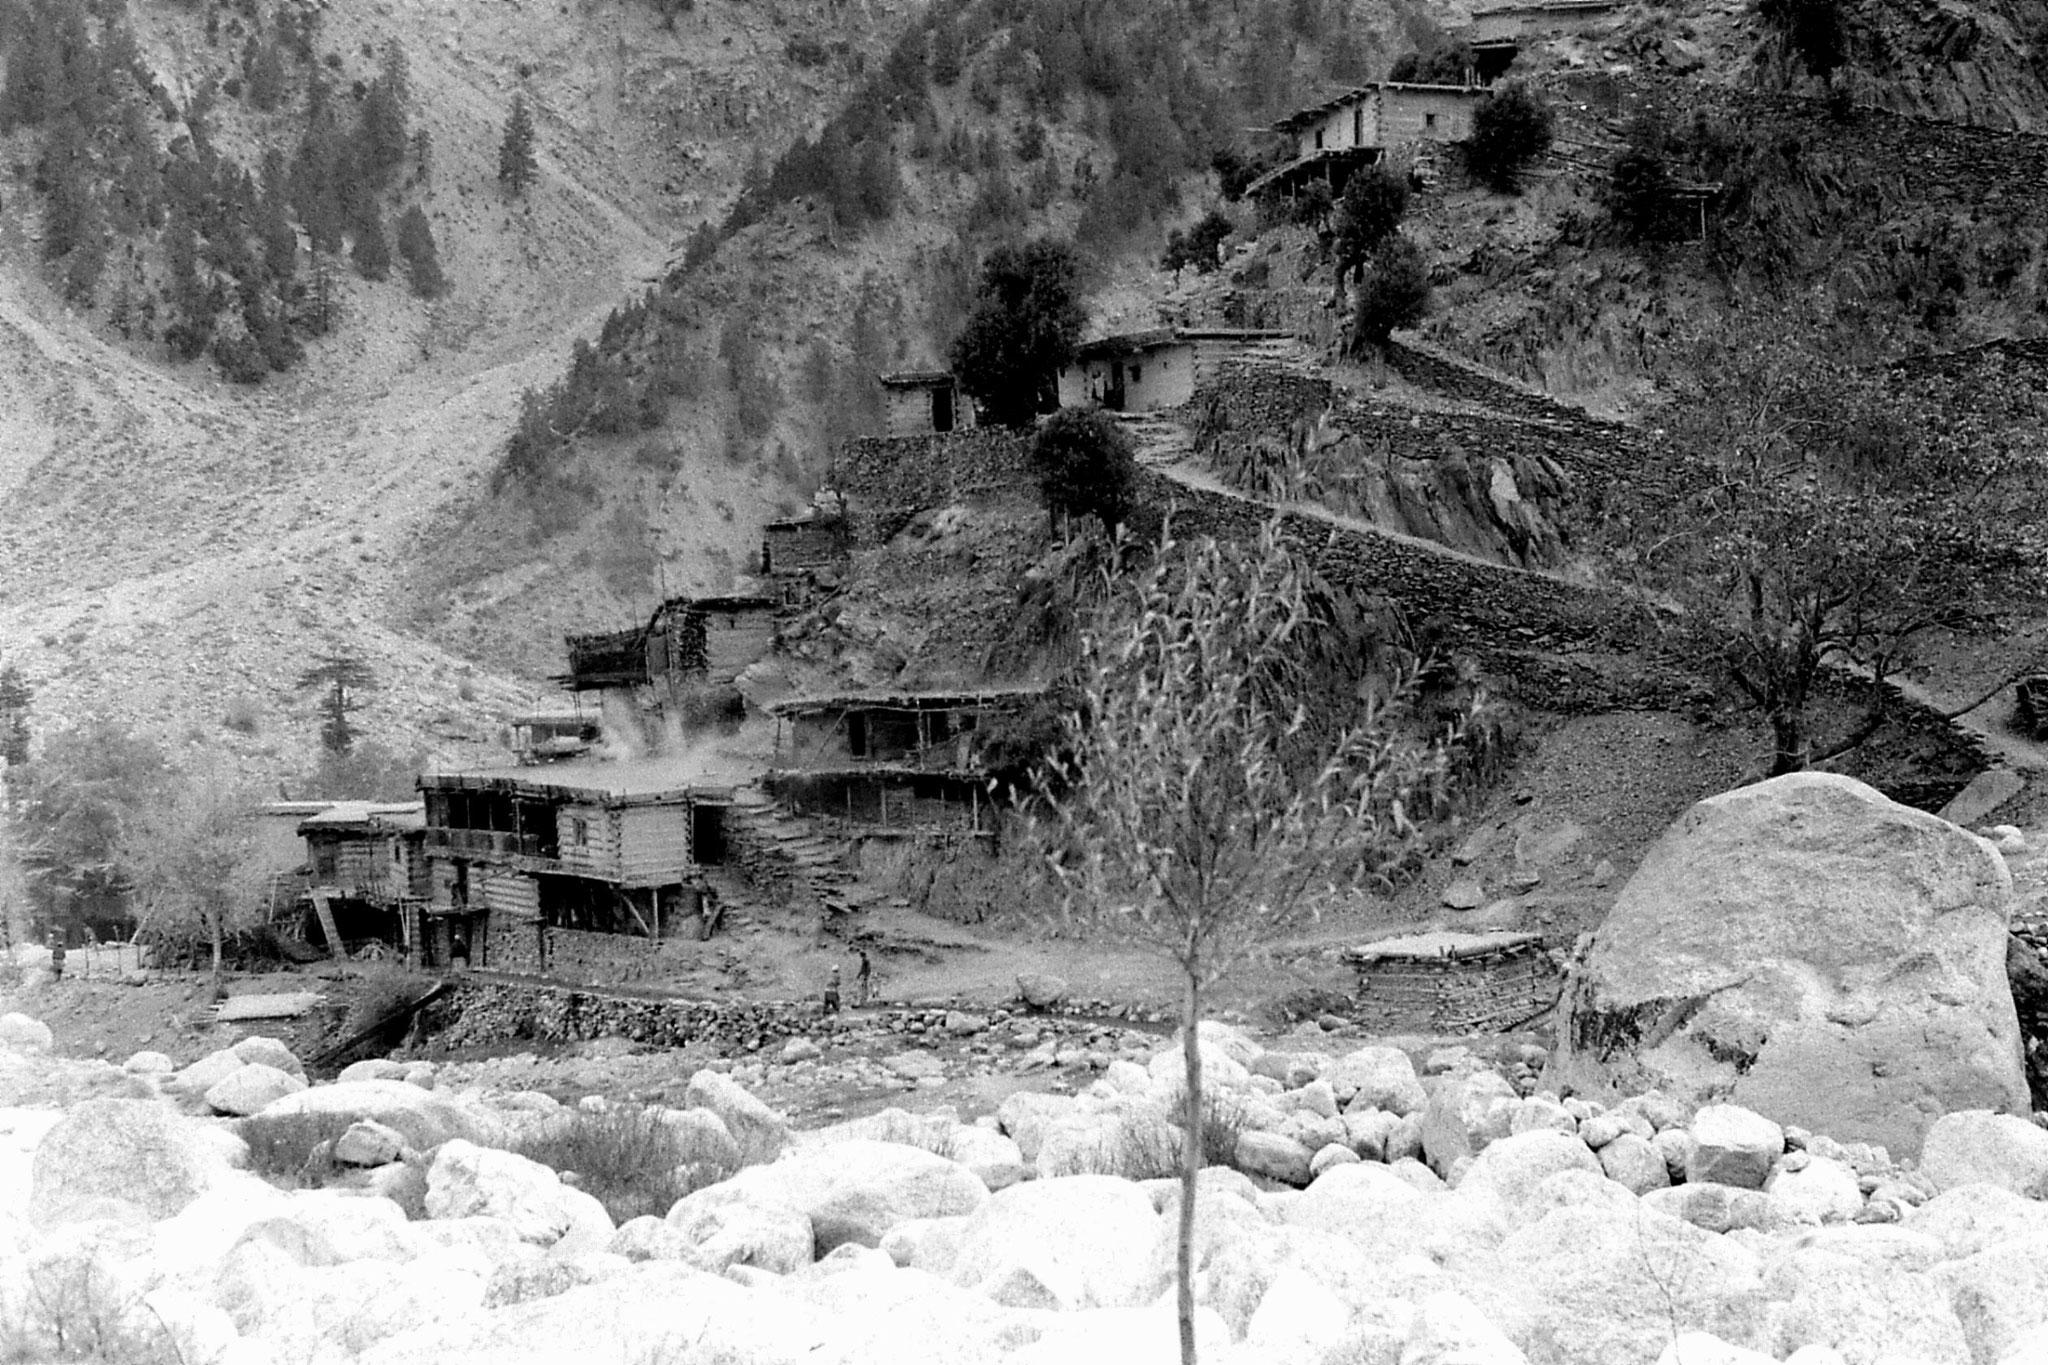 31/10/1989: 31: Afghan village